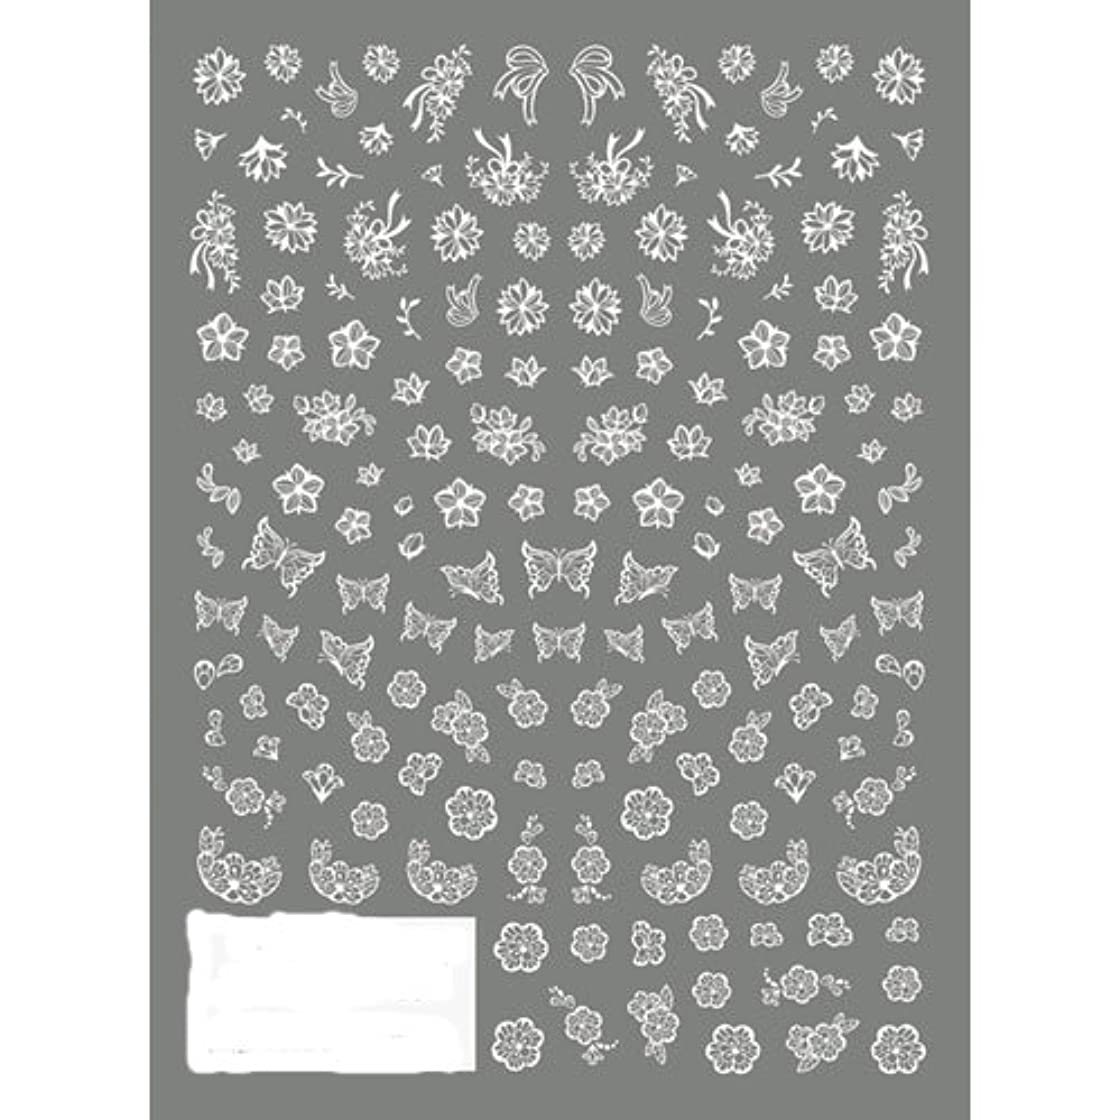 荒らす入力導出ツメキラ ネイル用シール 切り絵 フラワー&バタフライ ホワイト